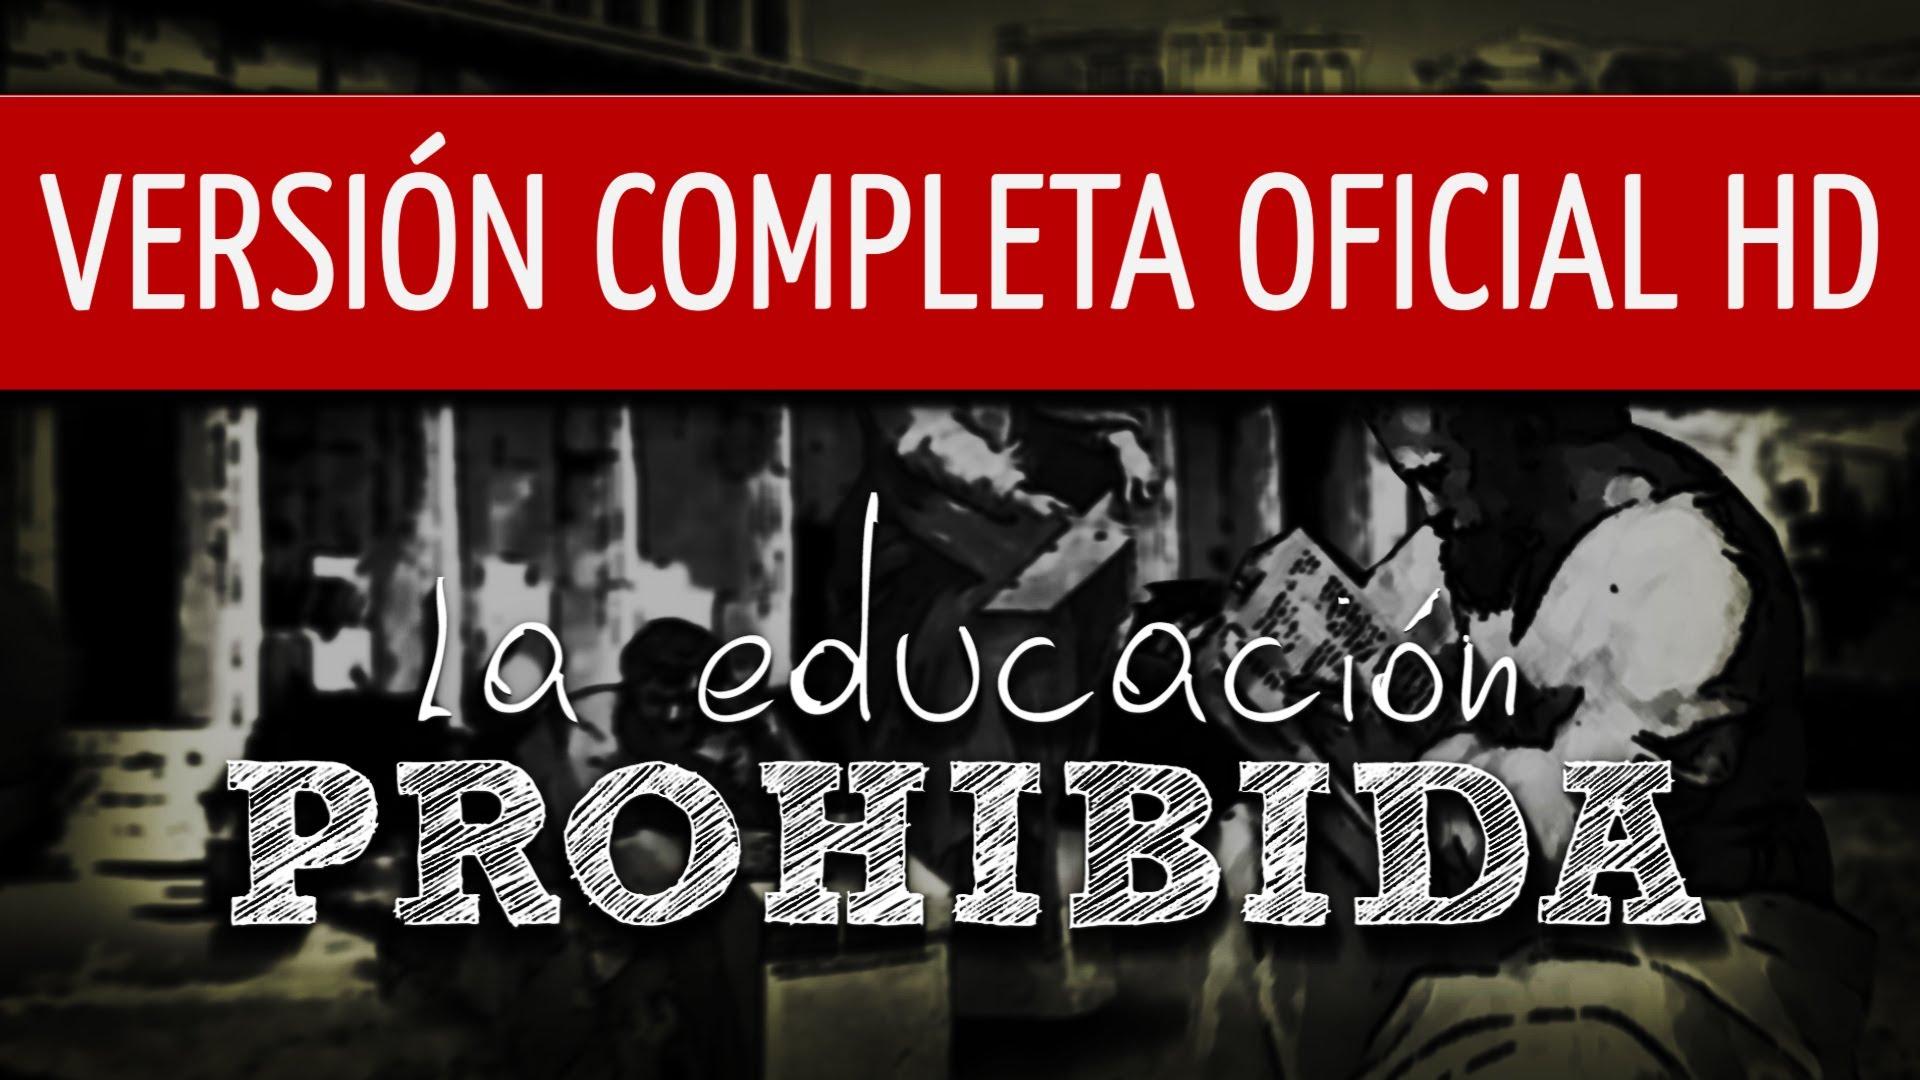 La educación prohibida – Educación CinemaSlow